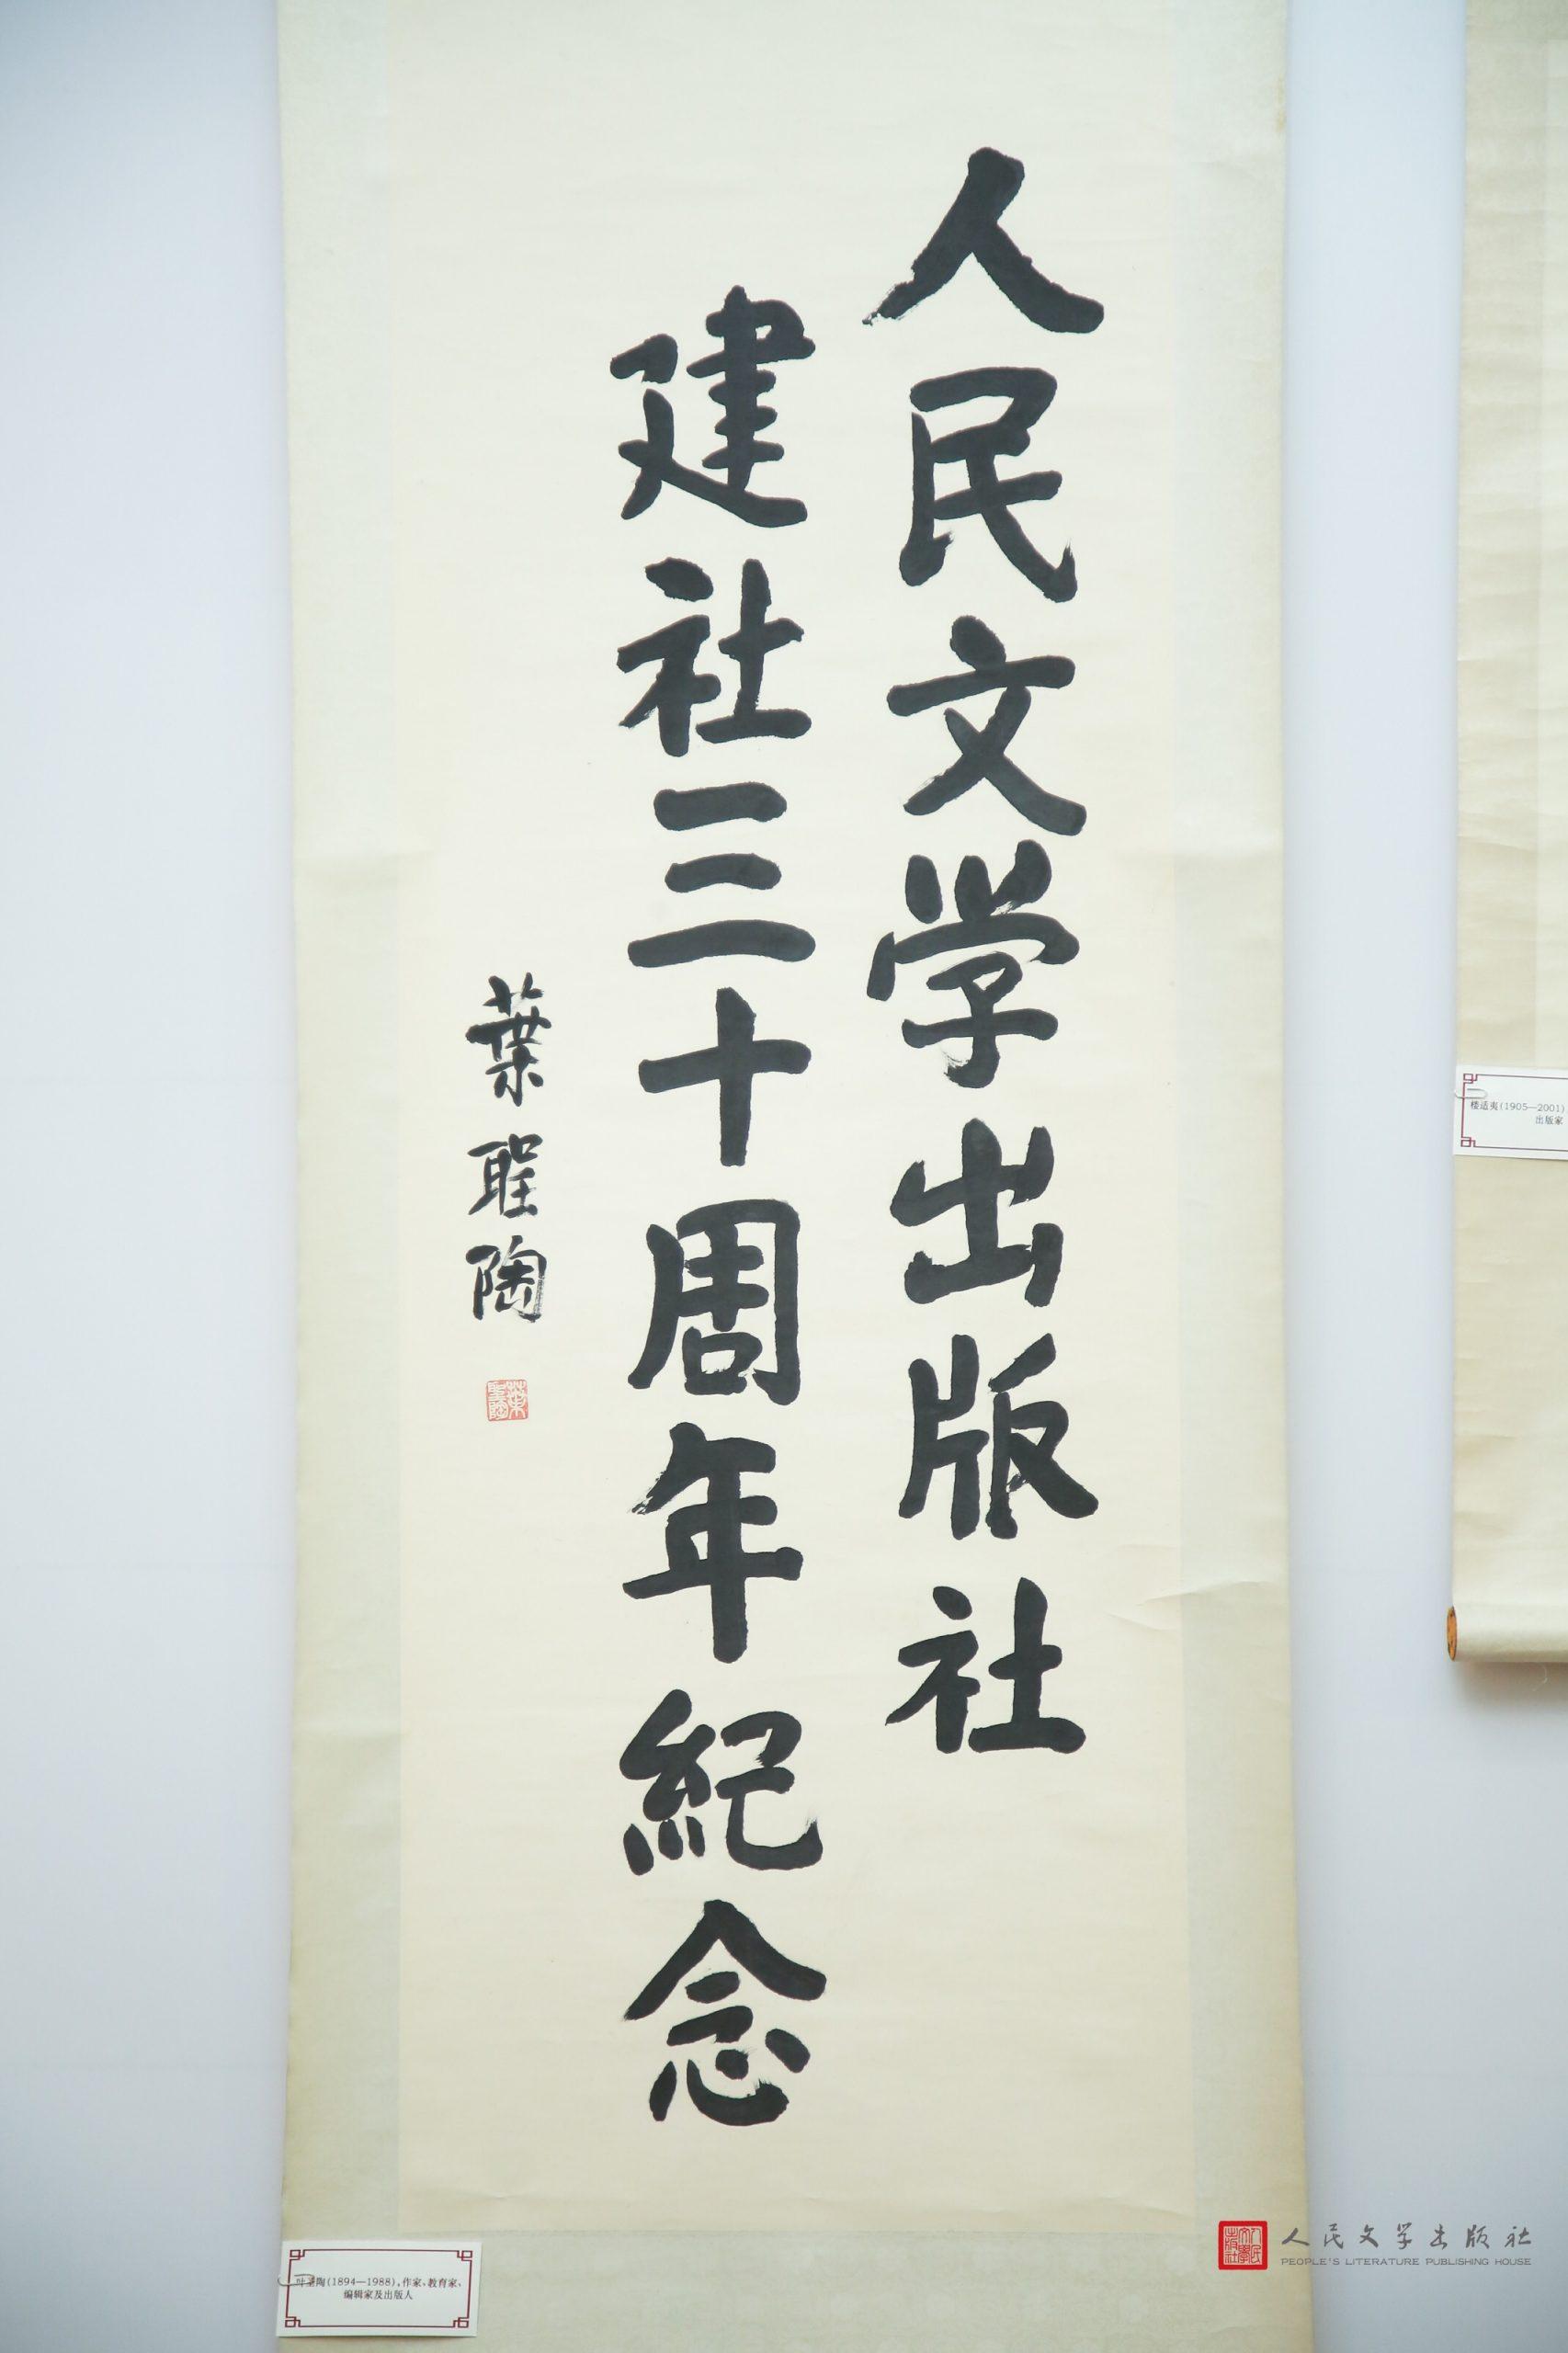 承载中国人七十年的文学记忆,人民文学出版社迎来七十华诞!-出版人杂志官网